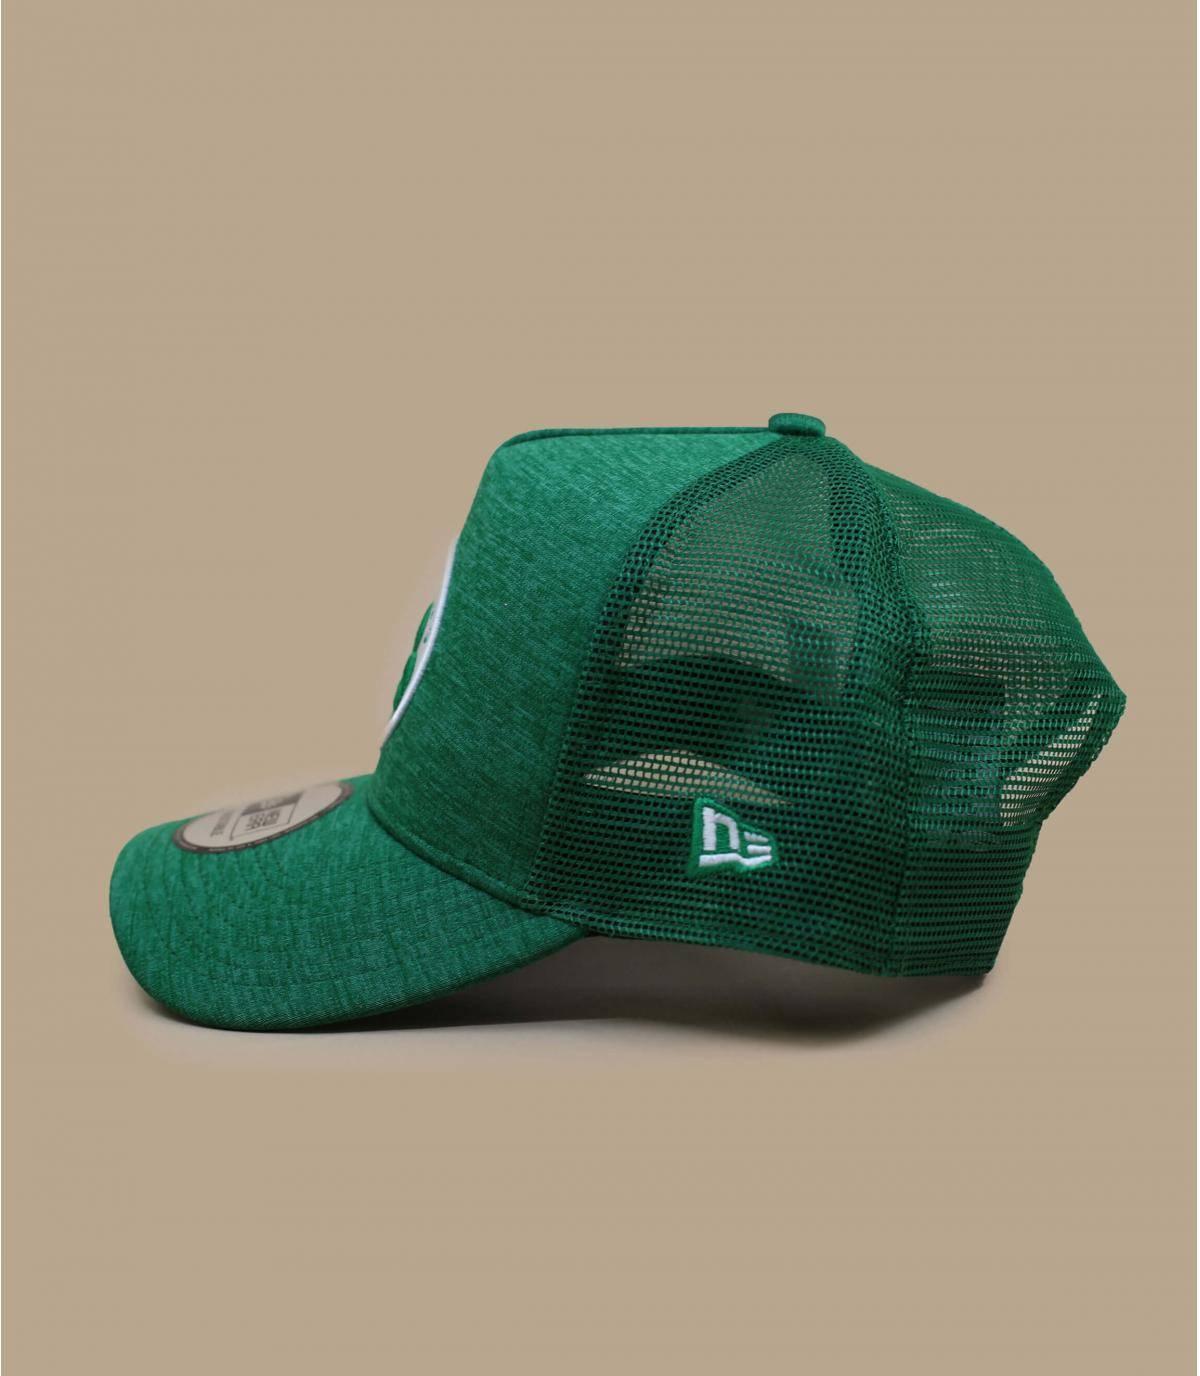 Détails Trucker Shadown Tech Celtics - image 3